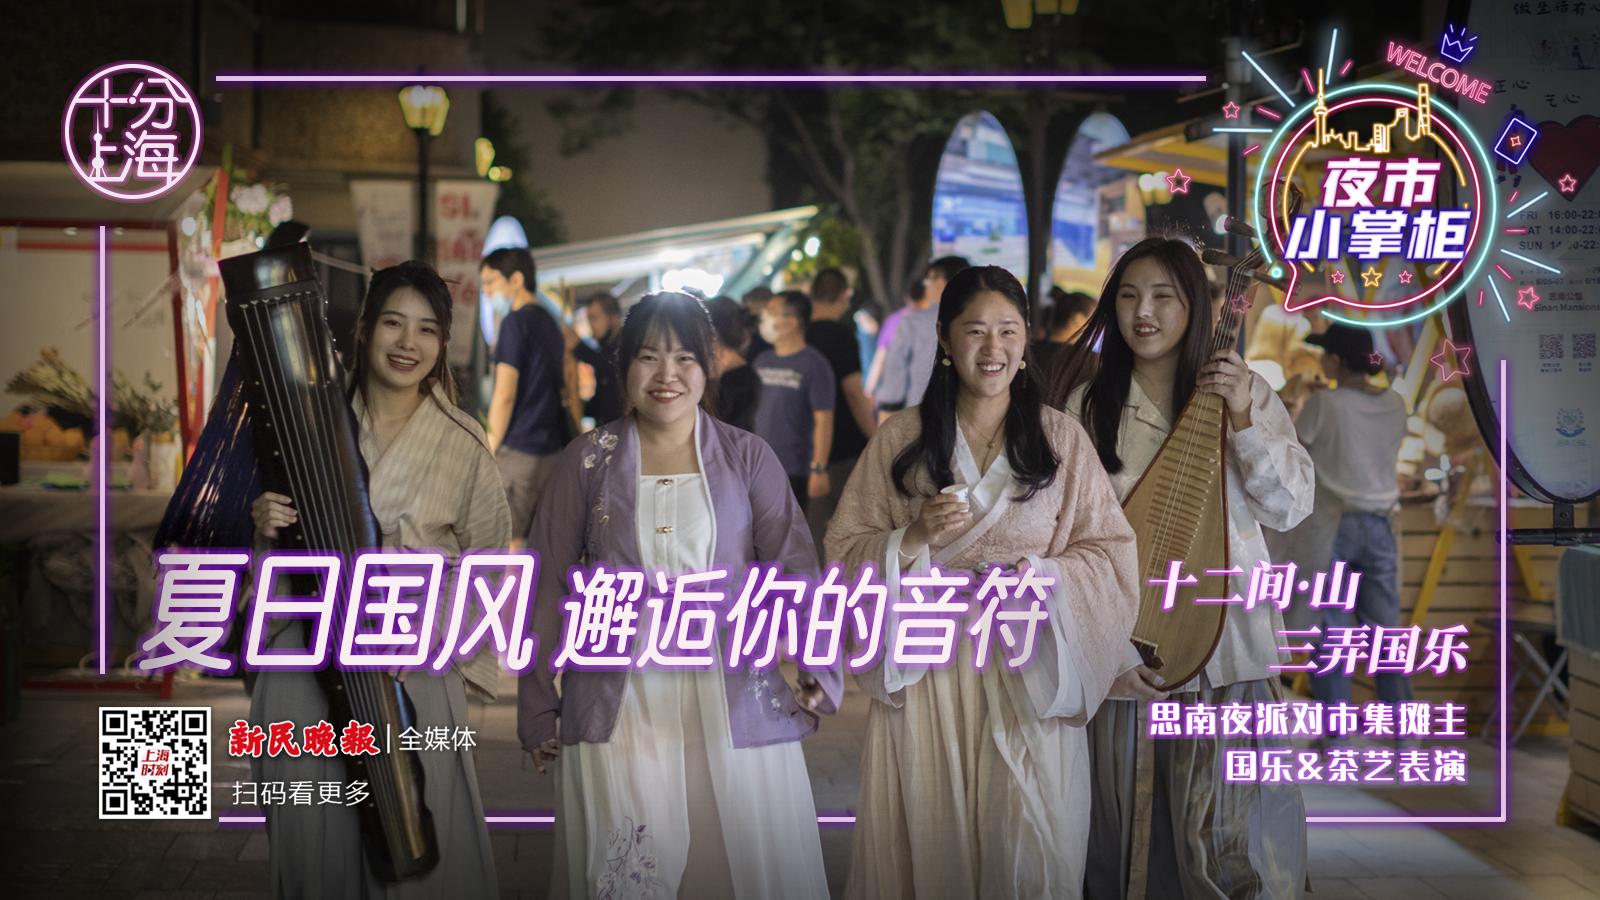 十分上海·夜市小掌柜|小姐姐们琴瑟在御、拆曲成诗,一起来上海思南公馆邂逅你的夏日音符!